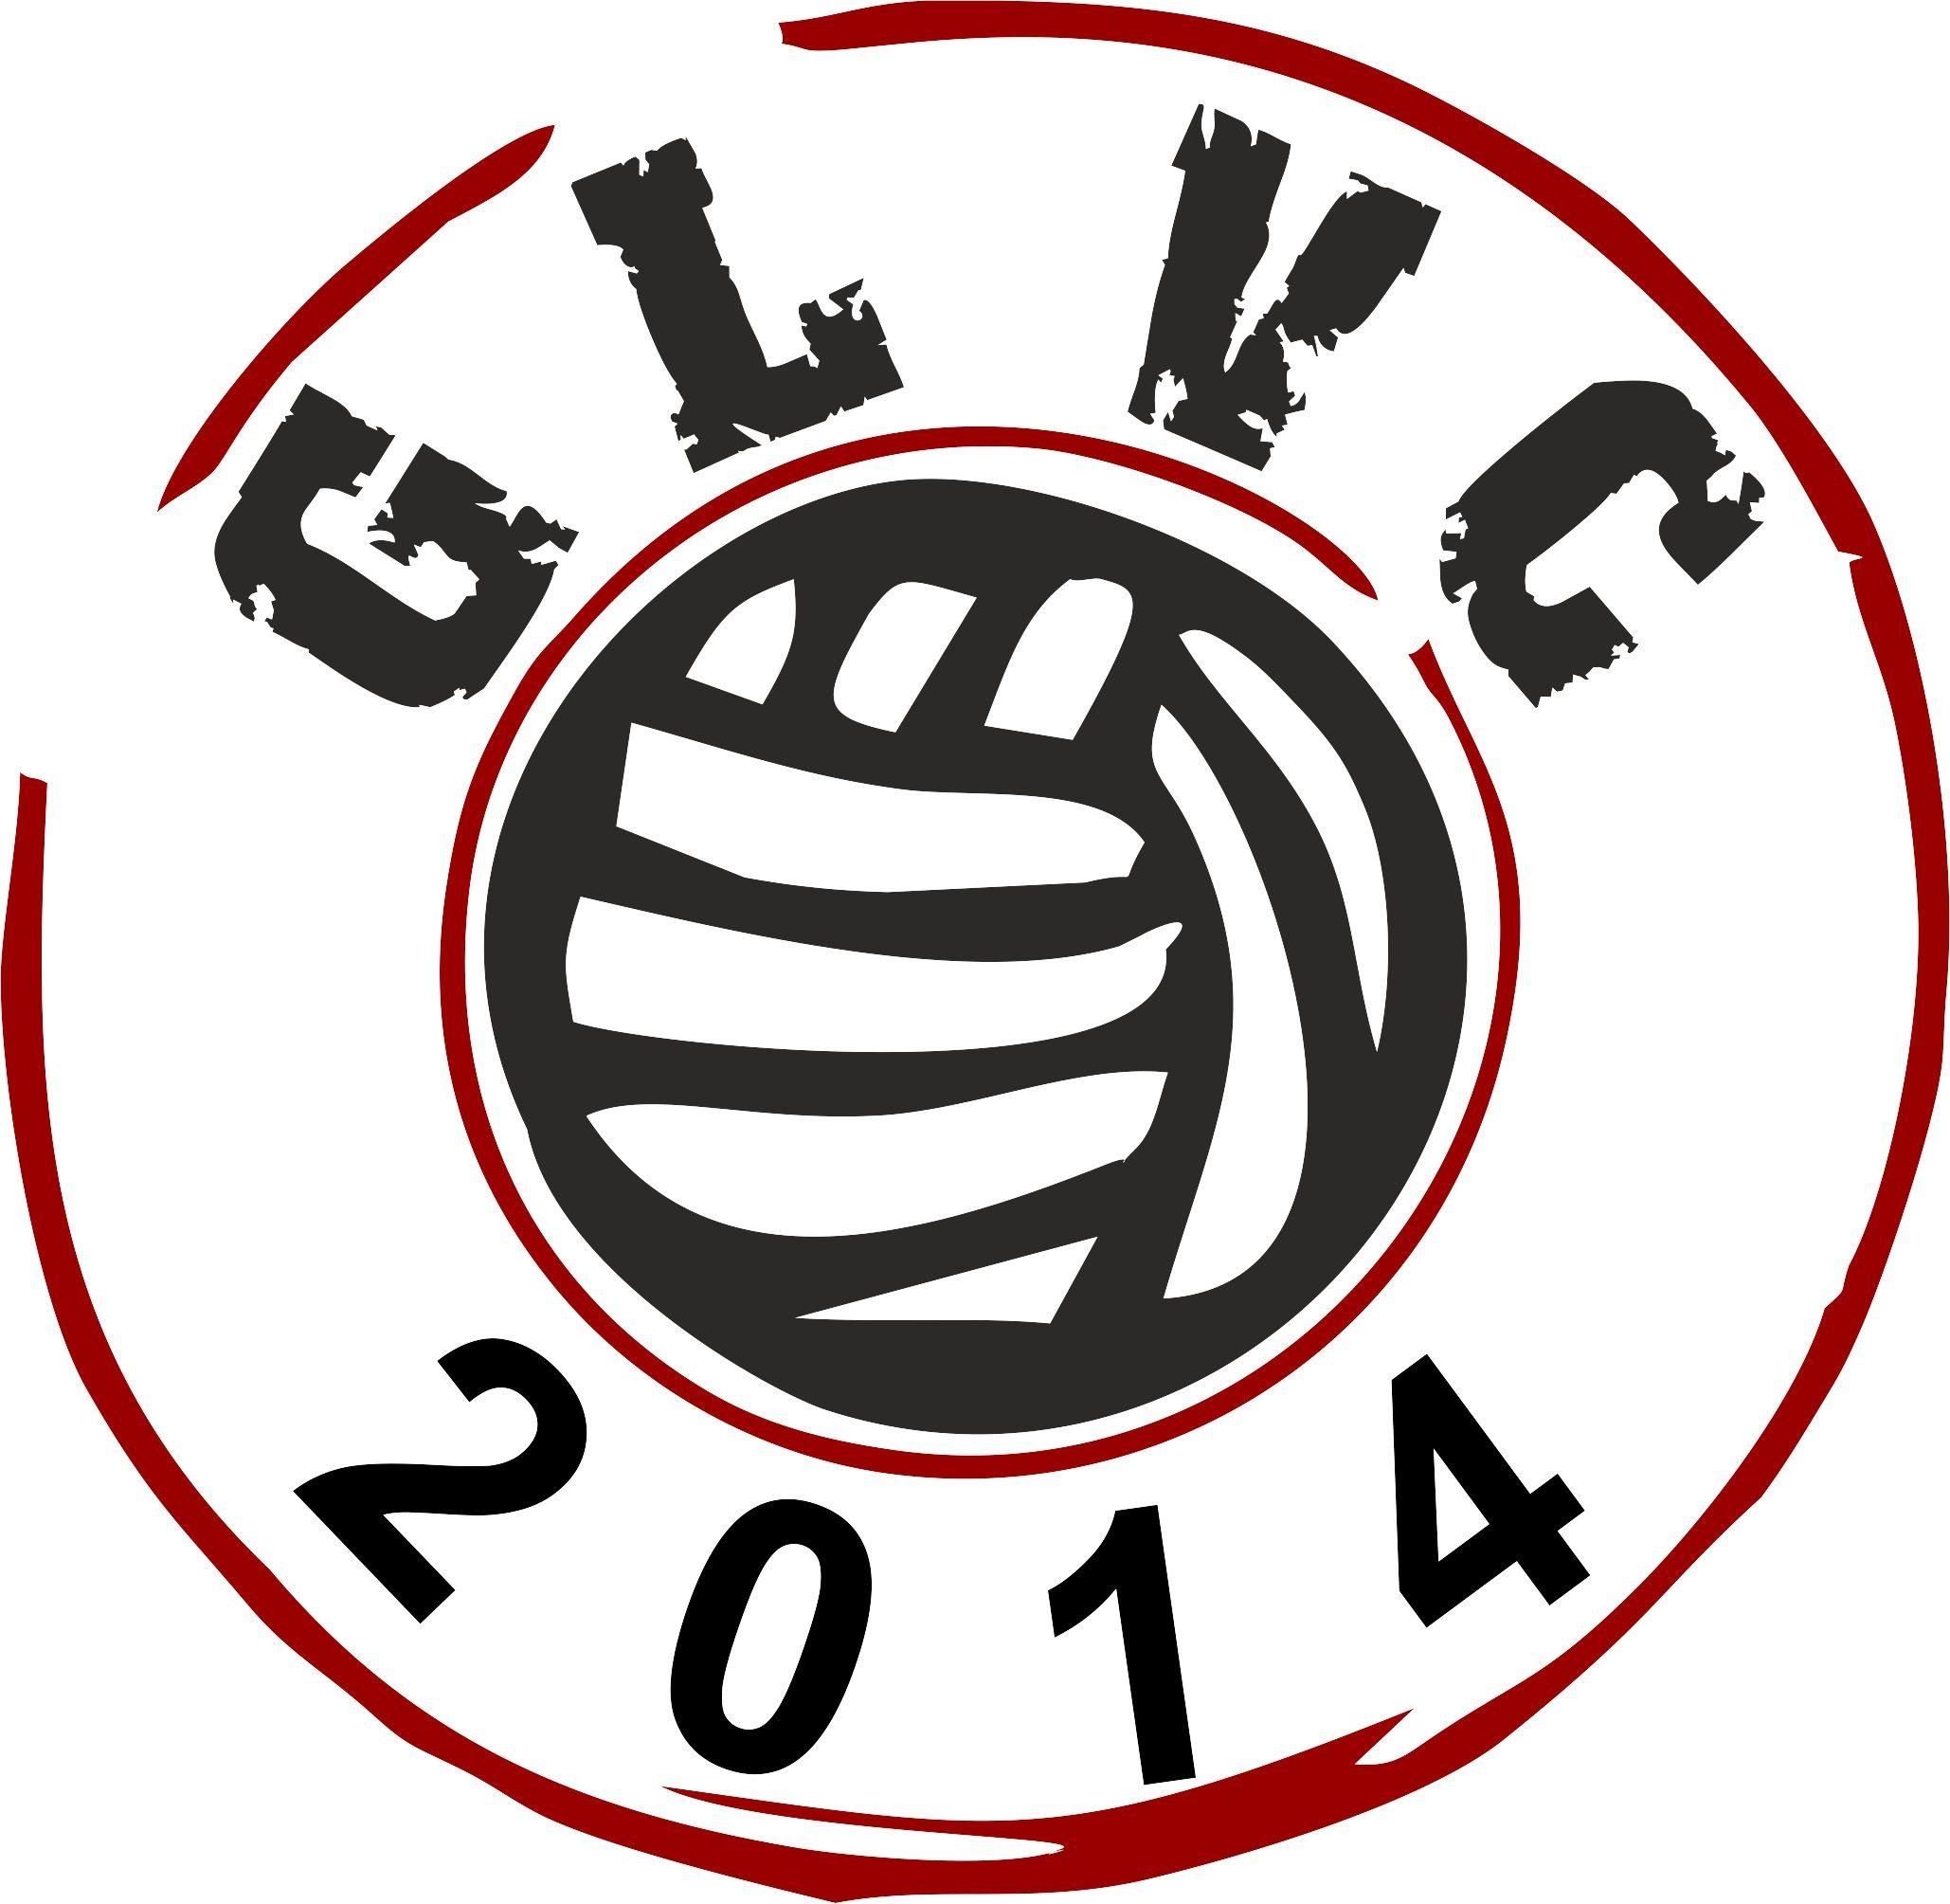 GLVC 2014